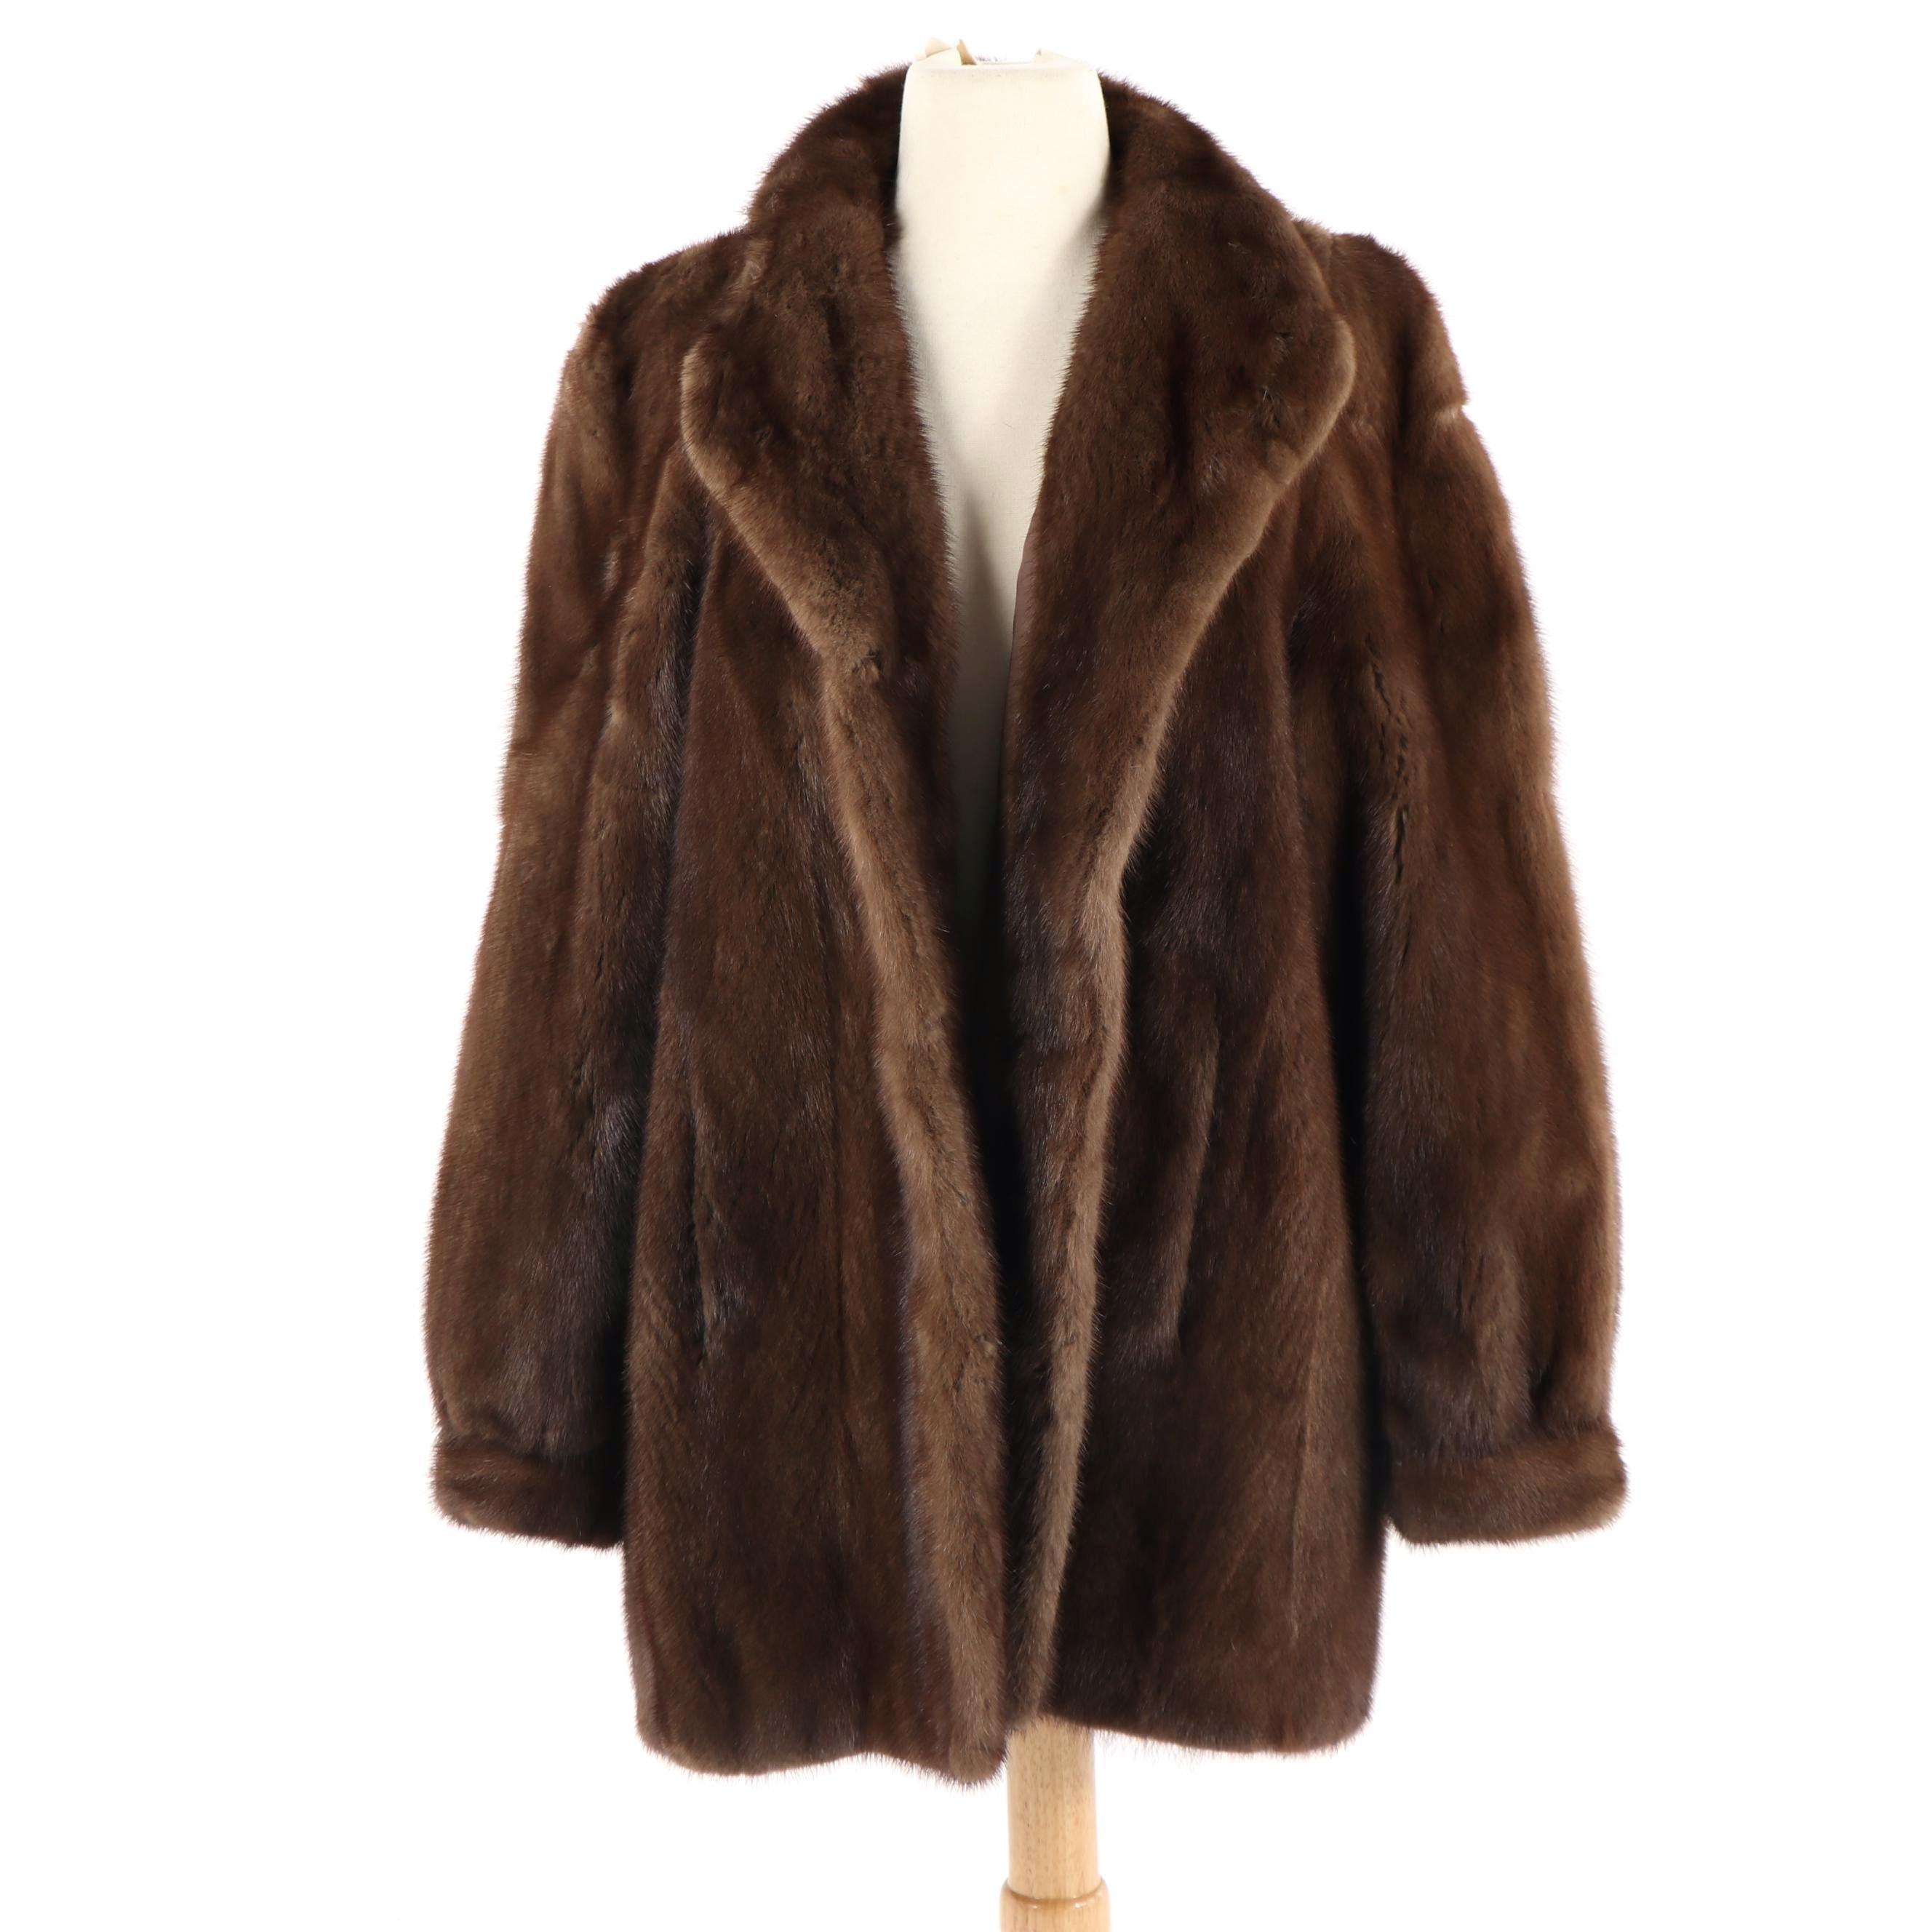 Anderson Fur Company Mink Fur Coat